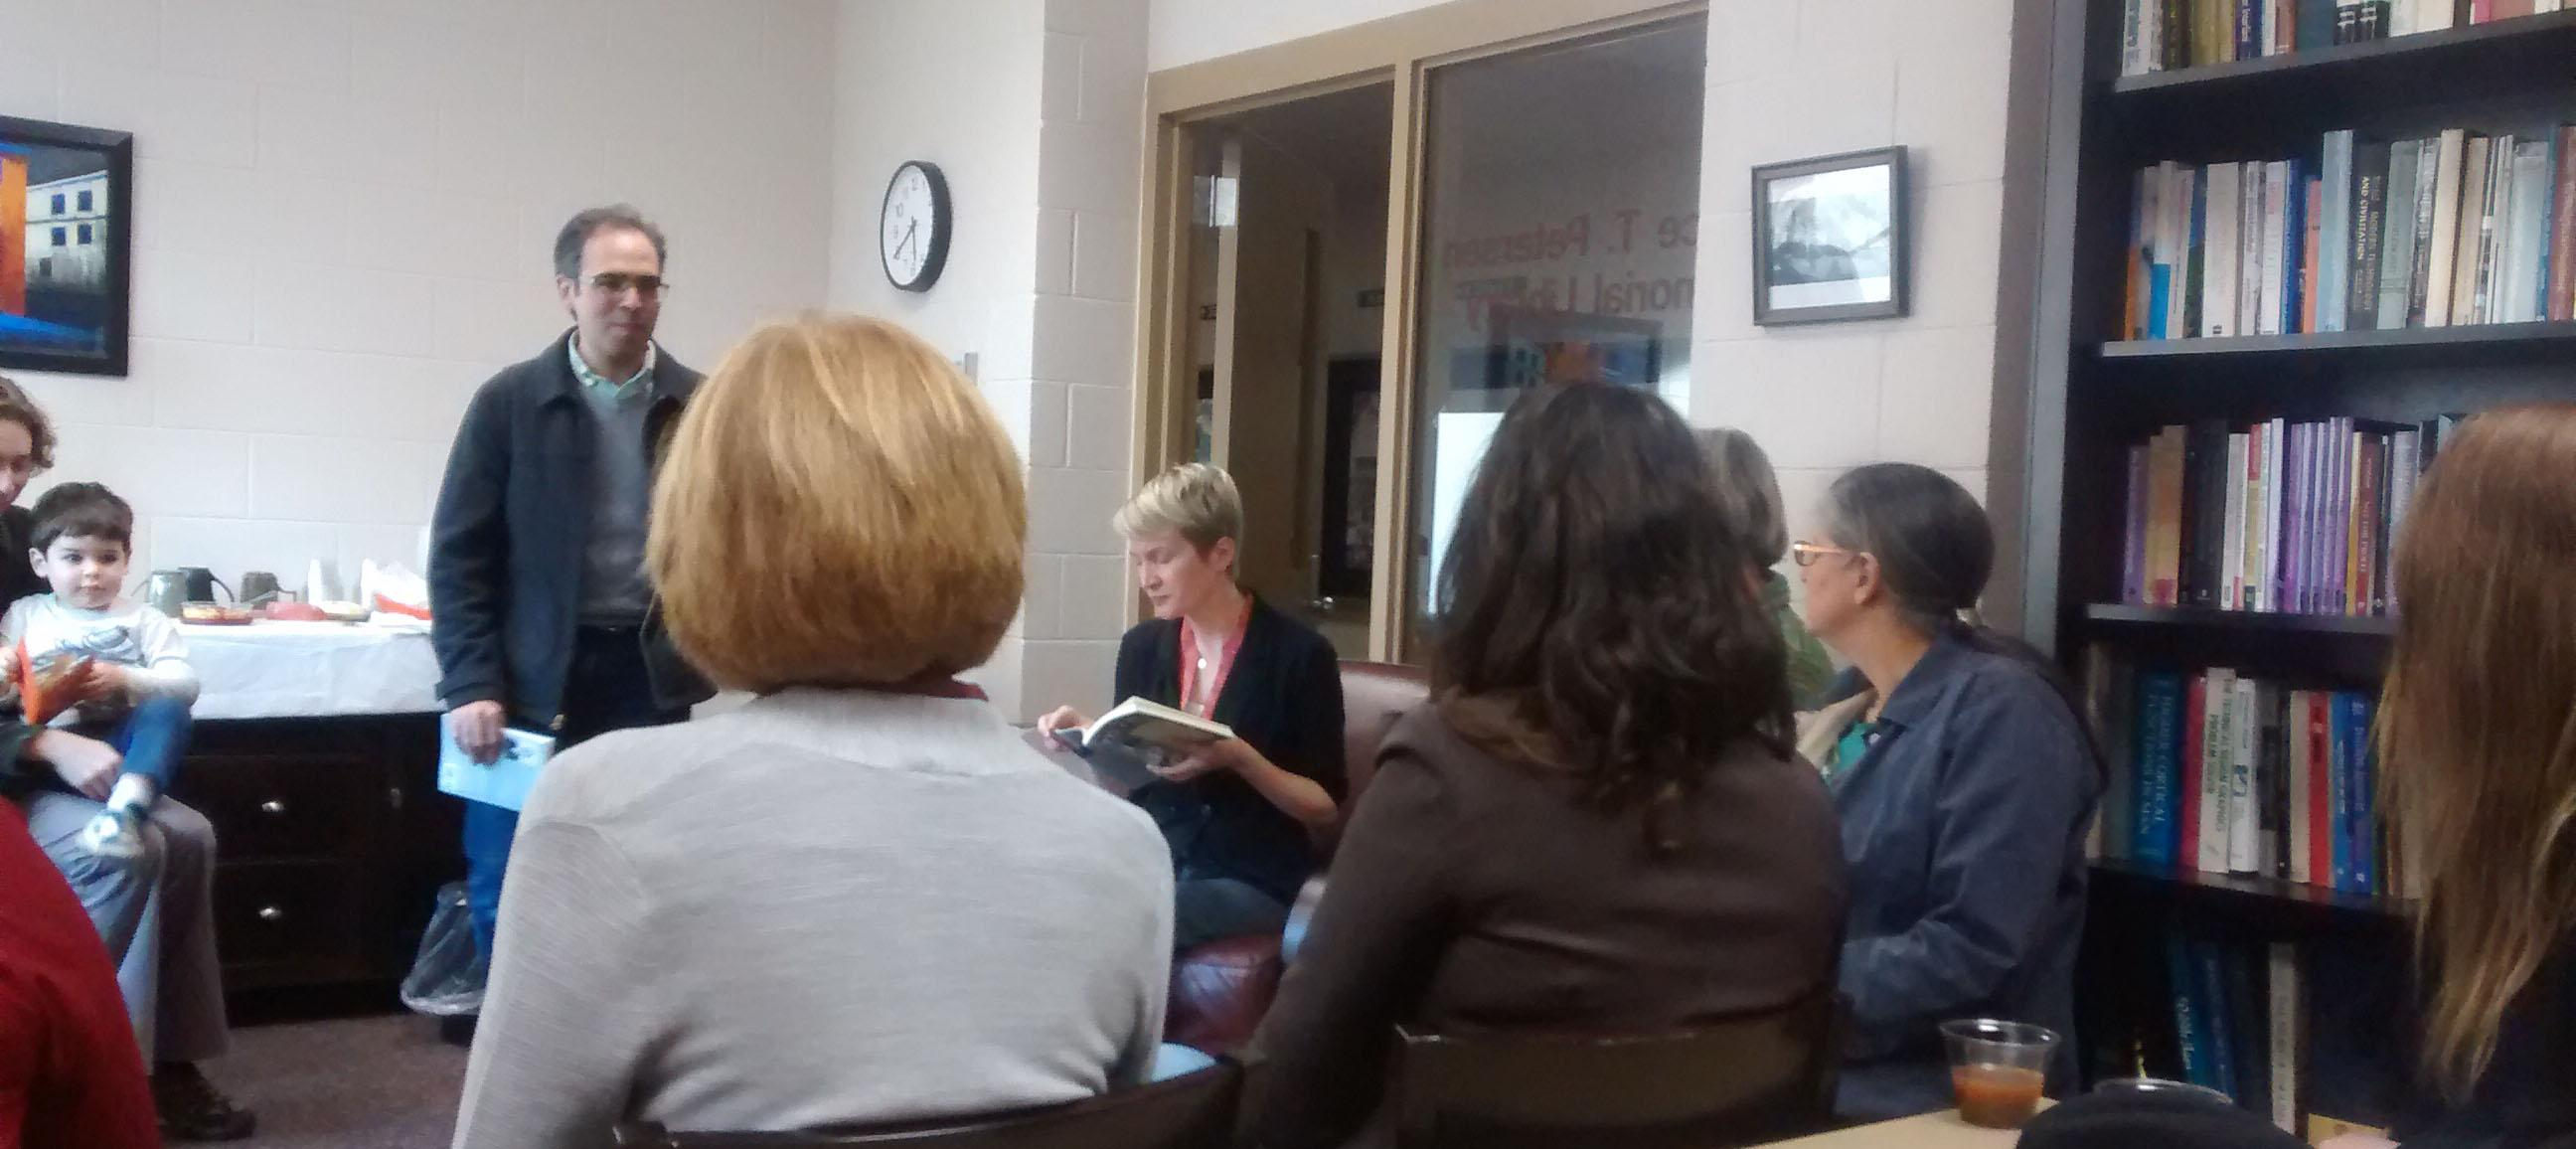 Humanities Department celebrates professor's new book